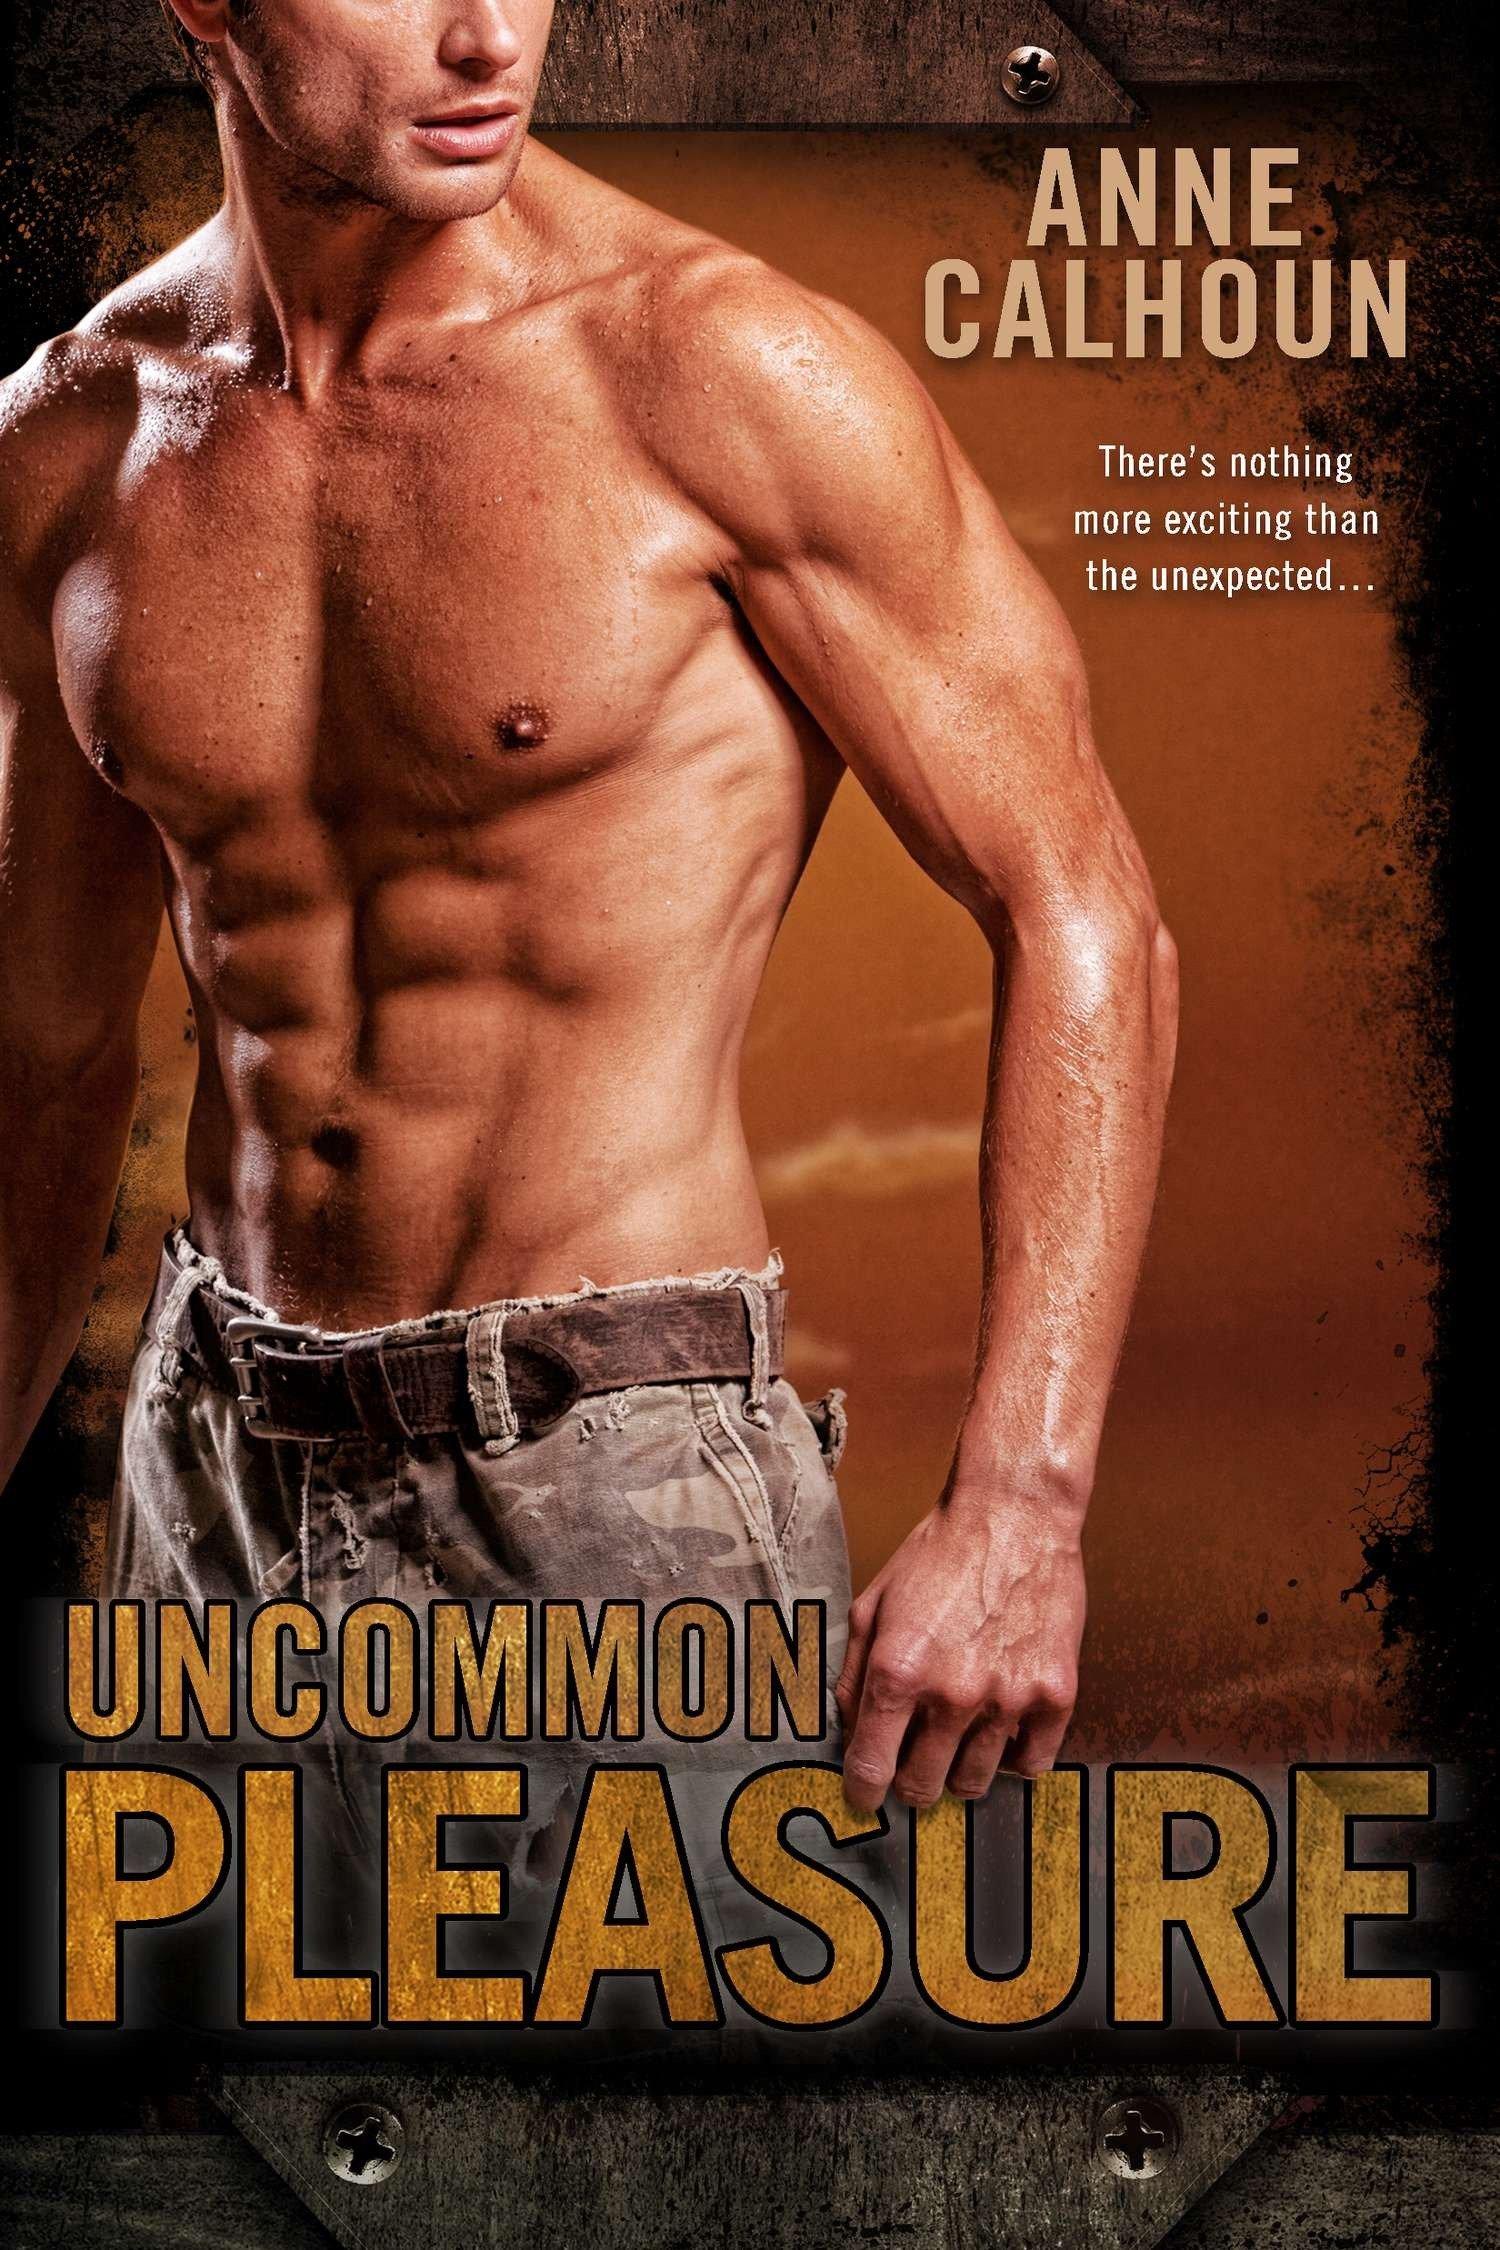 Uncommon Pleasure Anne Calhoun